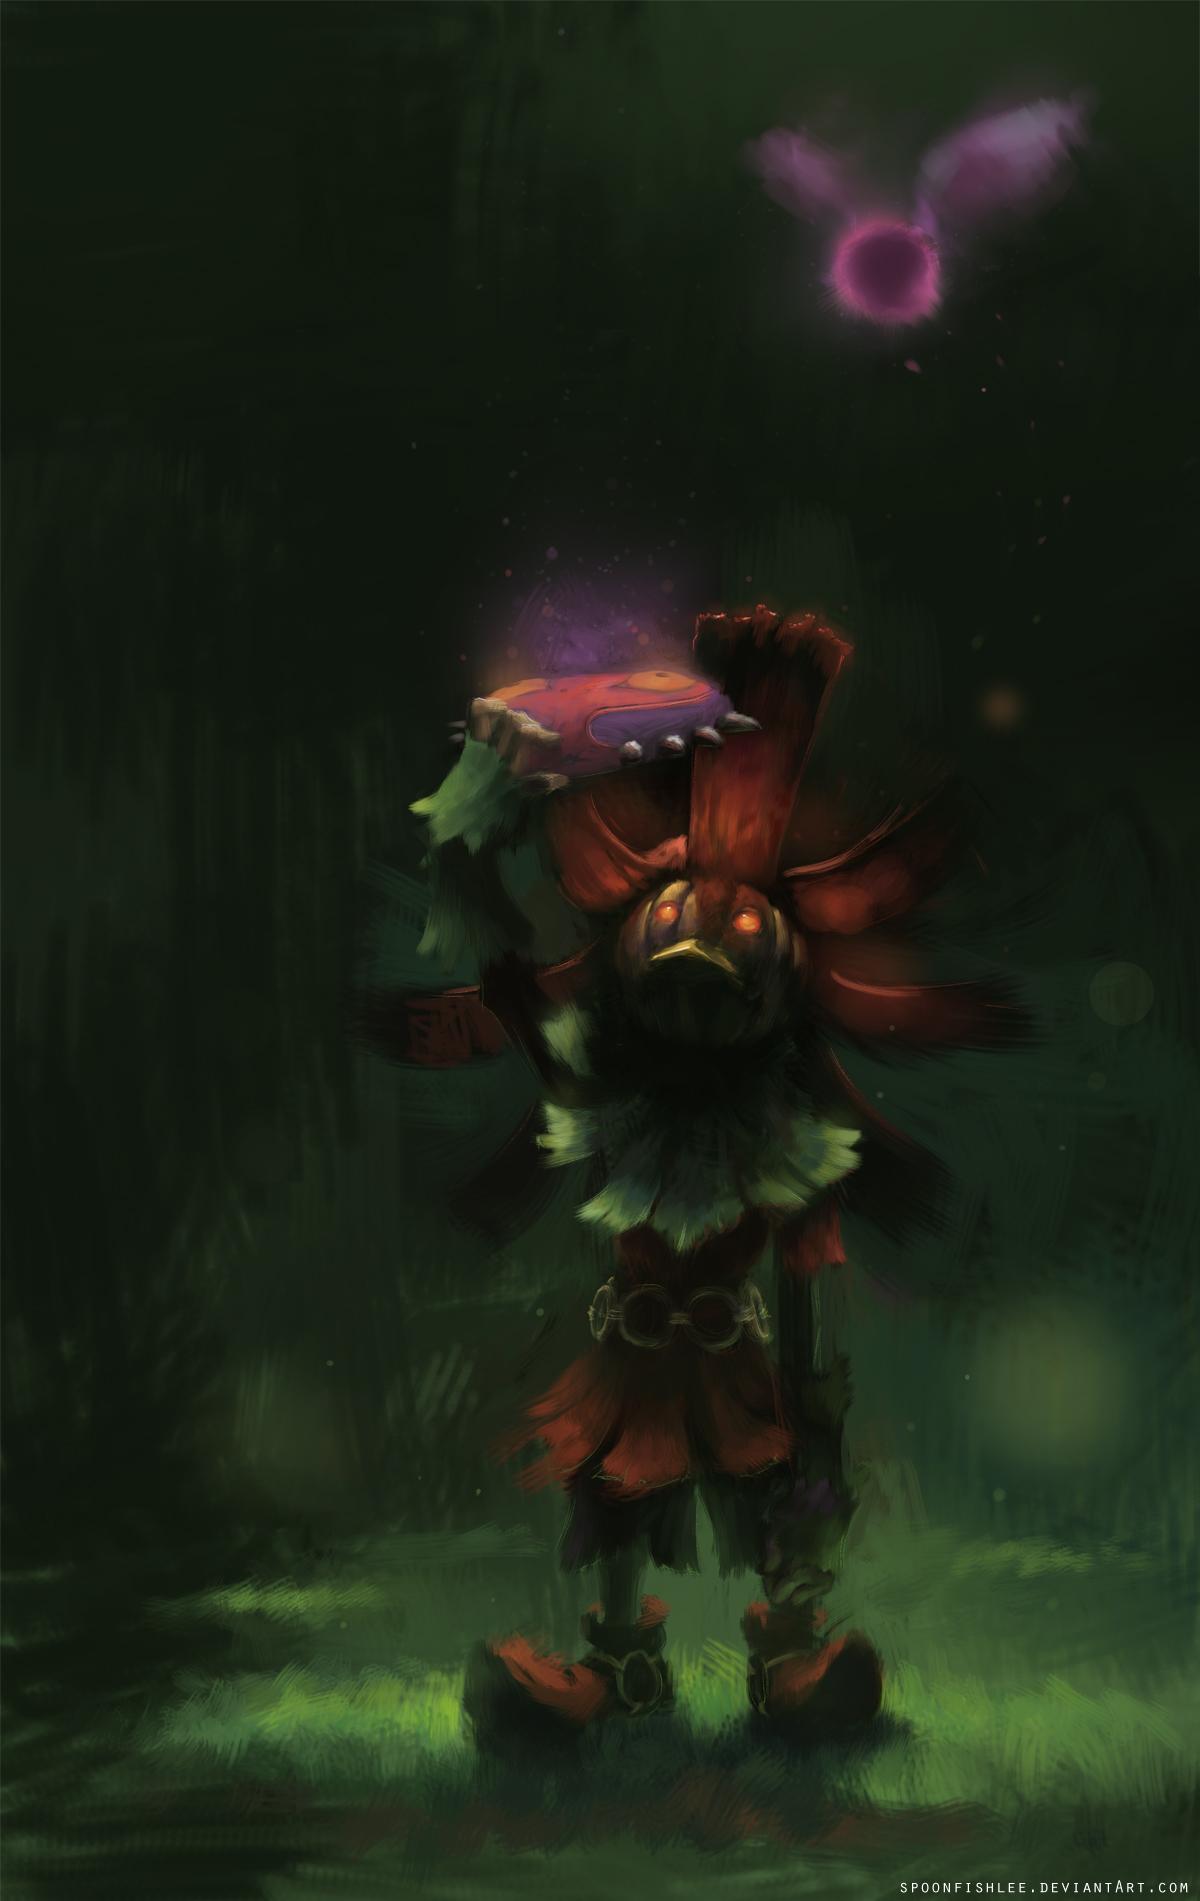 Zelda Fanart Spotlight Skull Kid Majoras Mask Dungeon